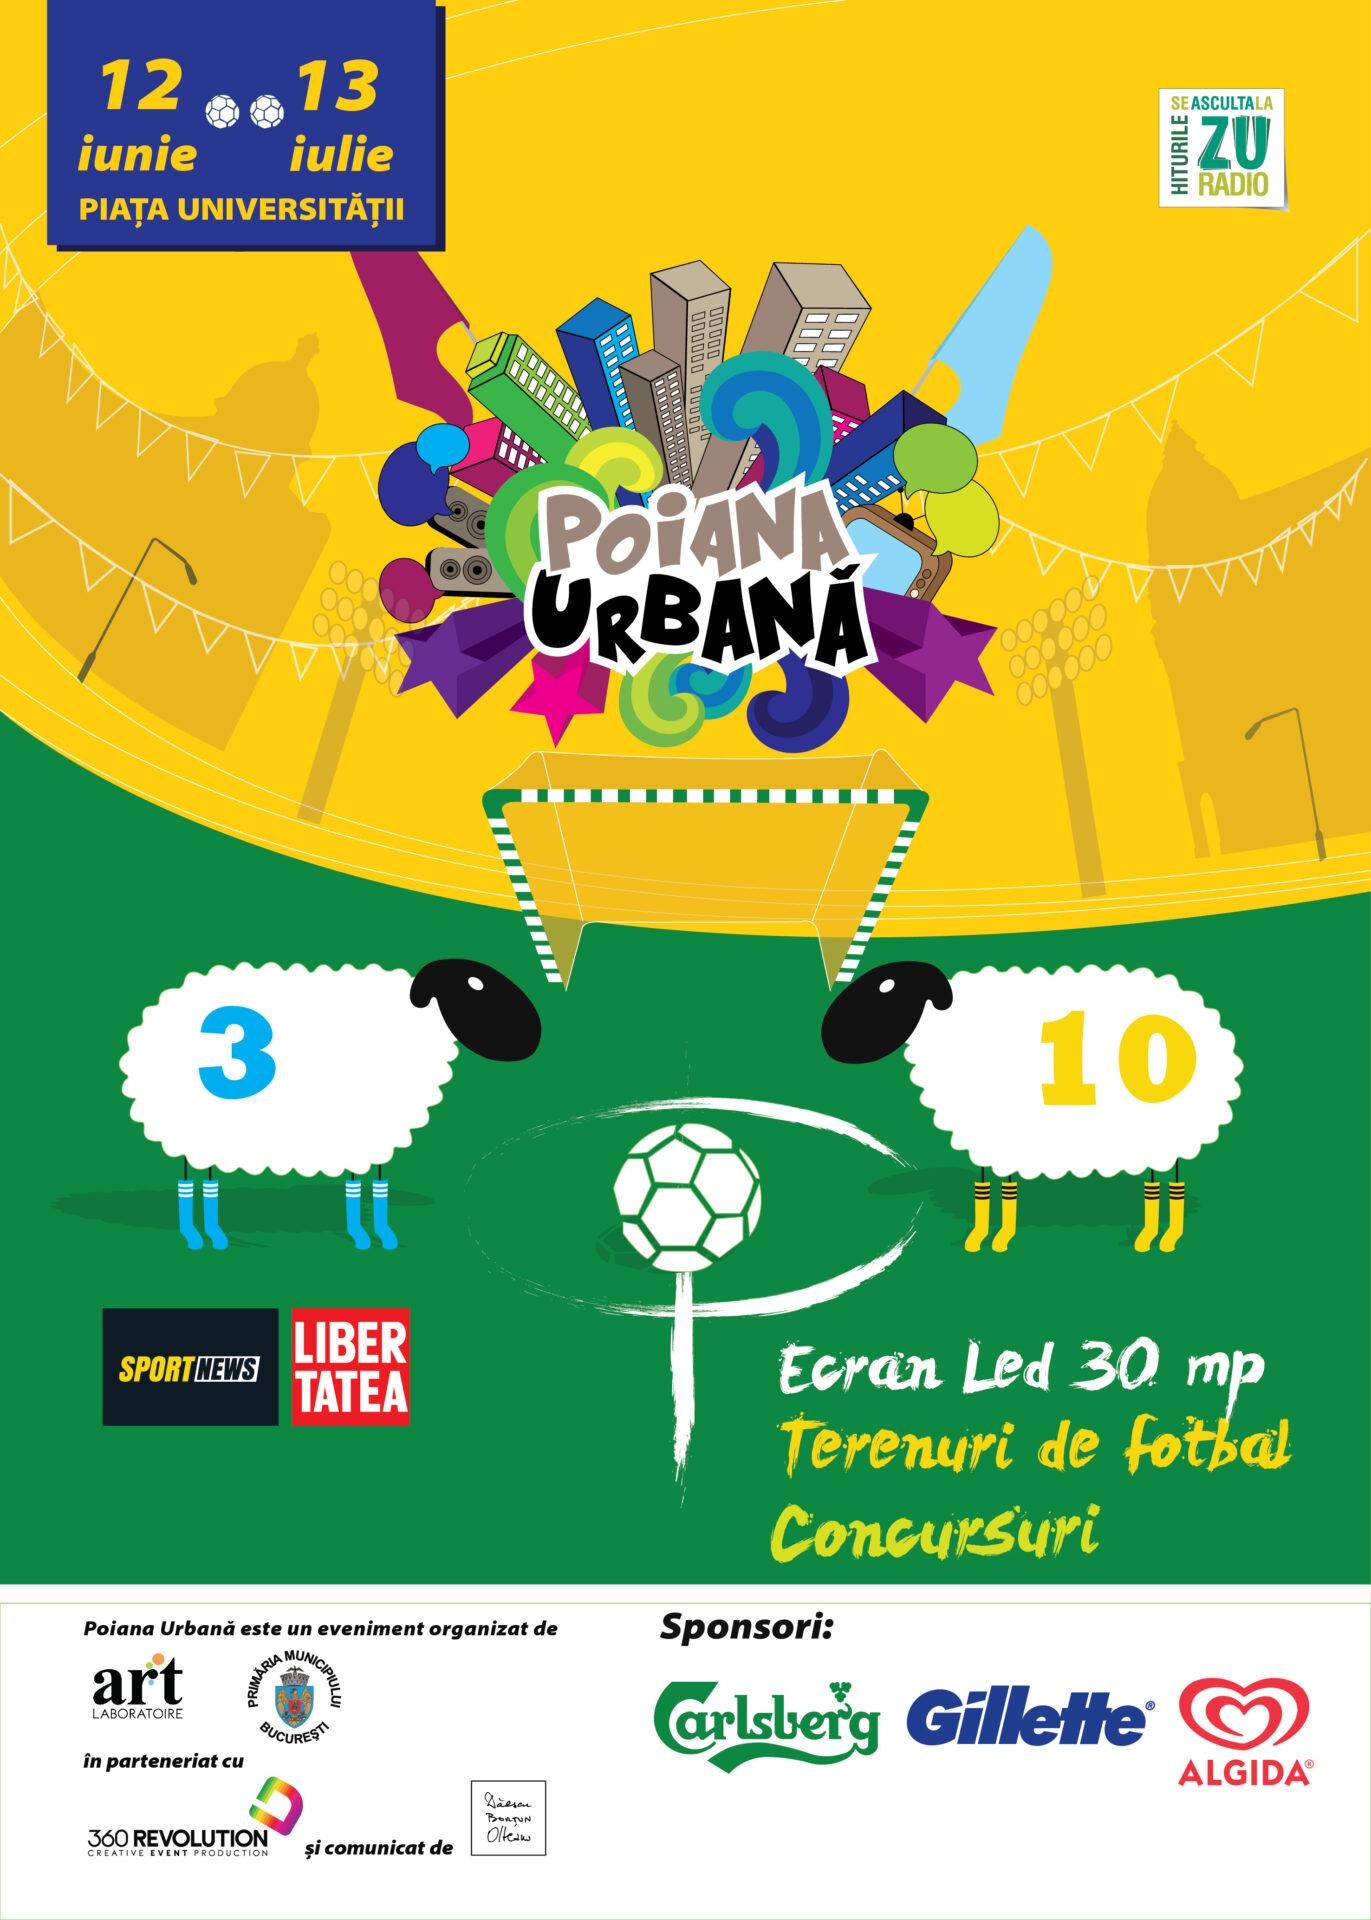 Cupa mondiala se vede in Poiana Urbana